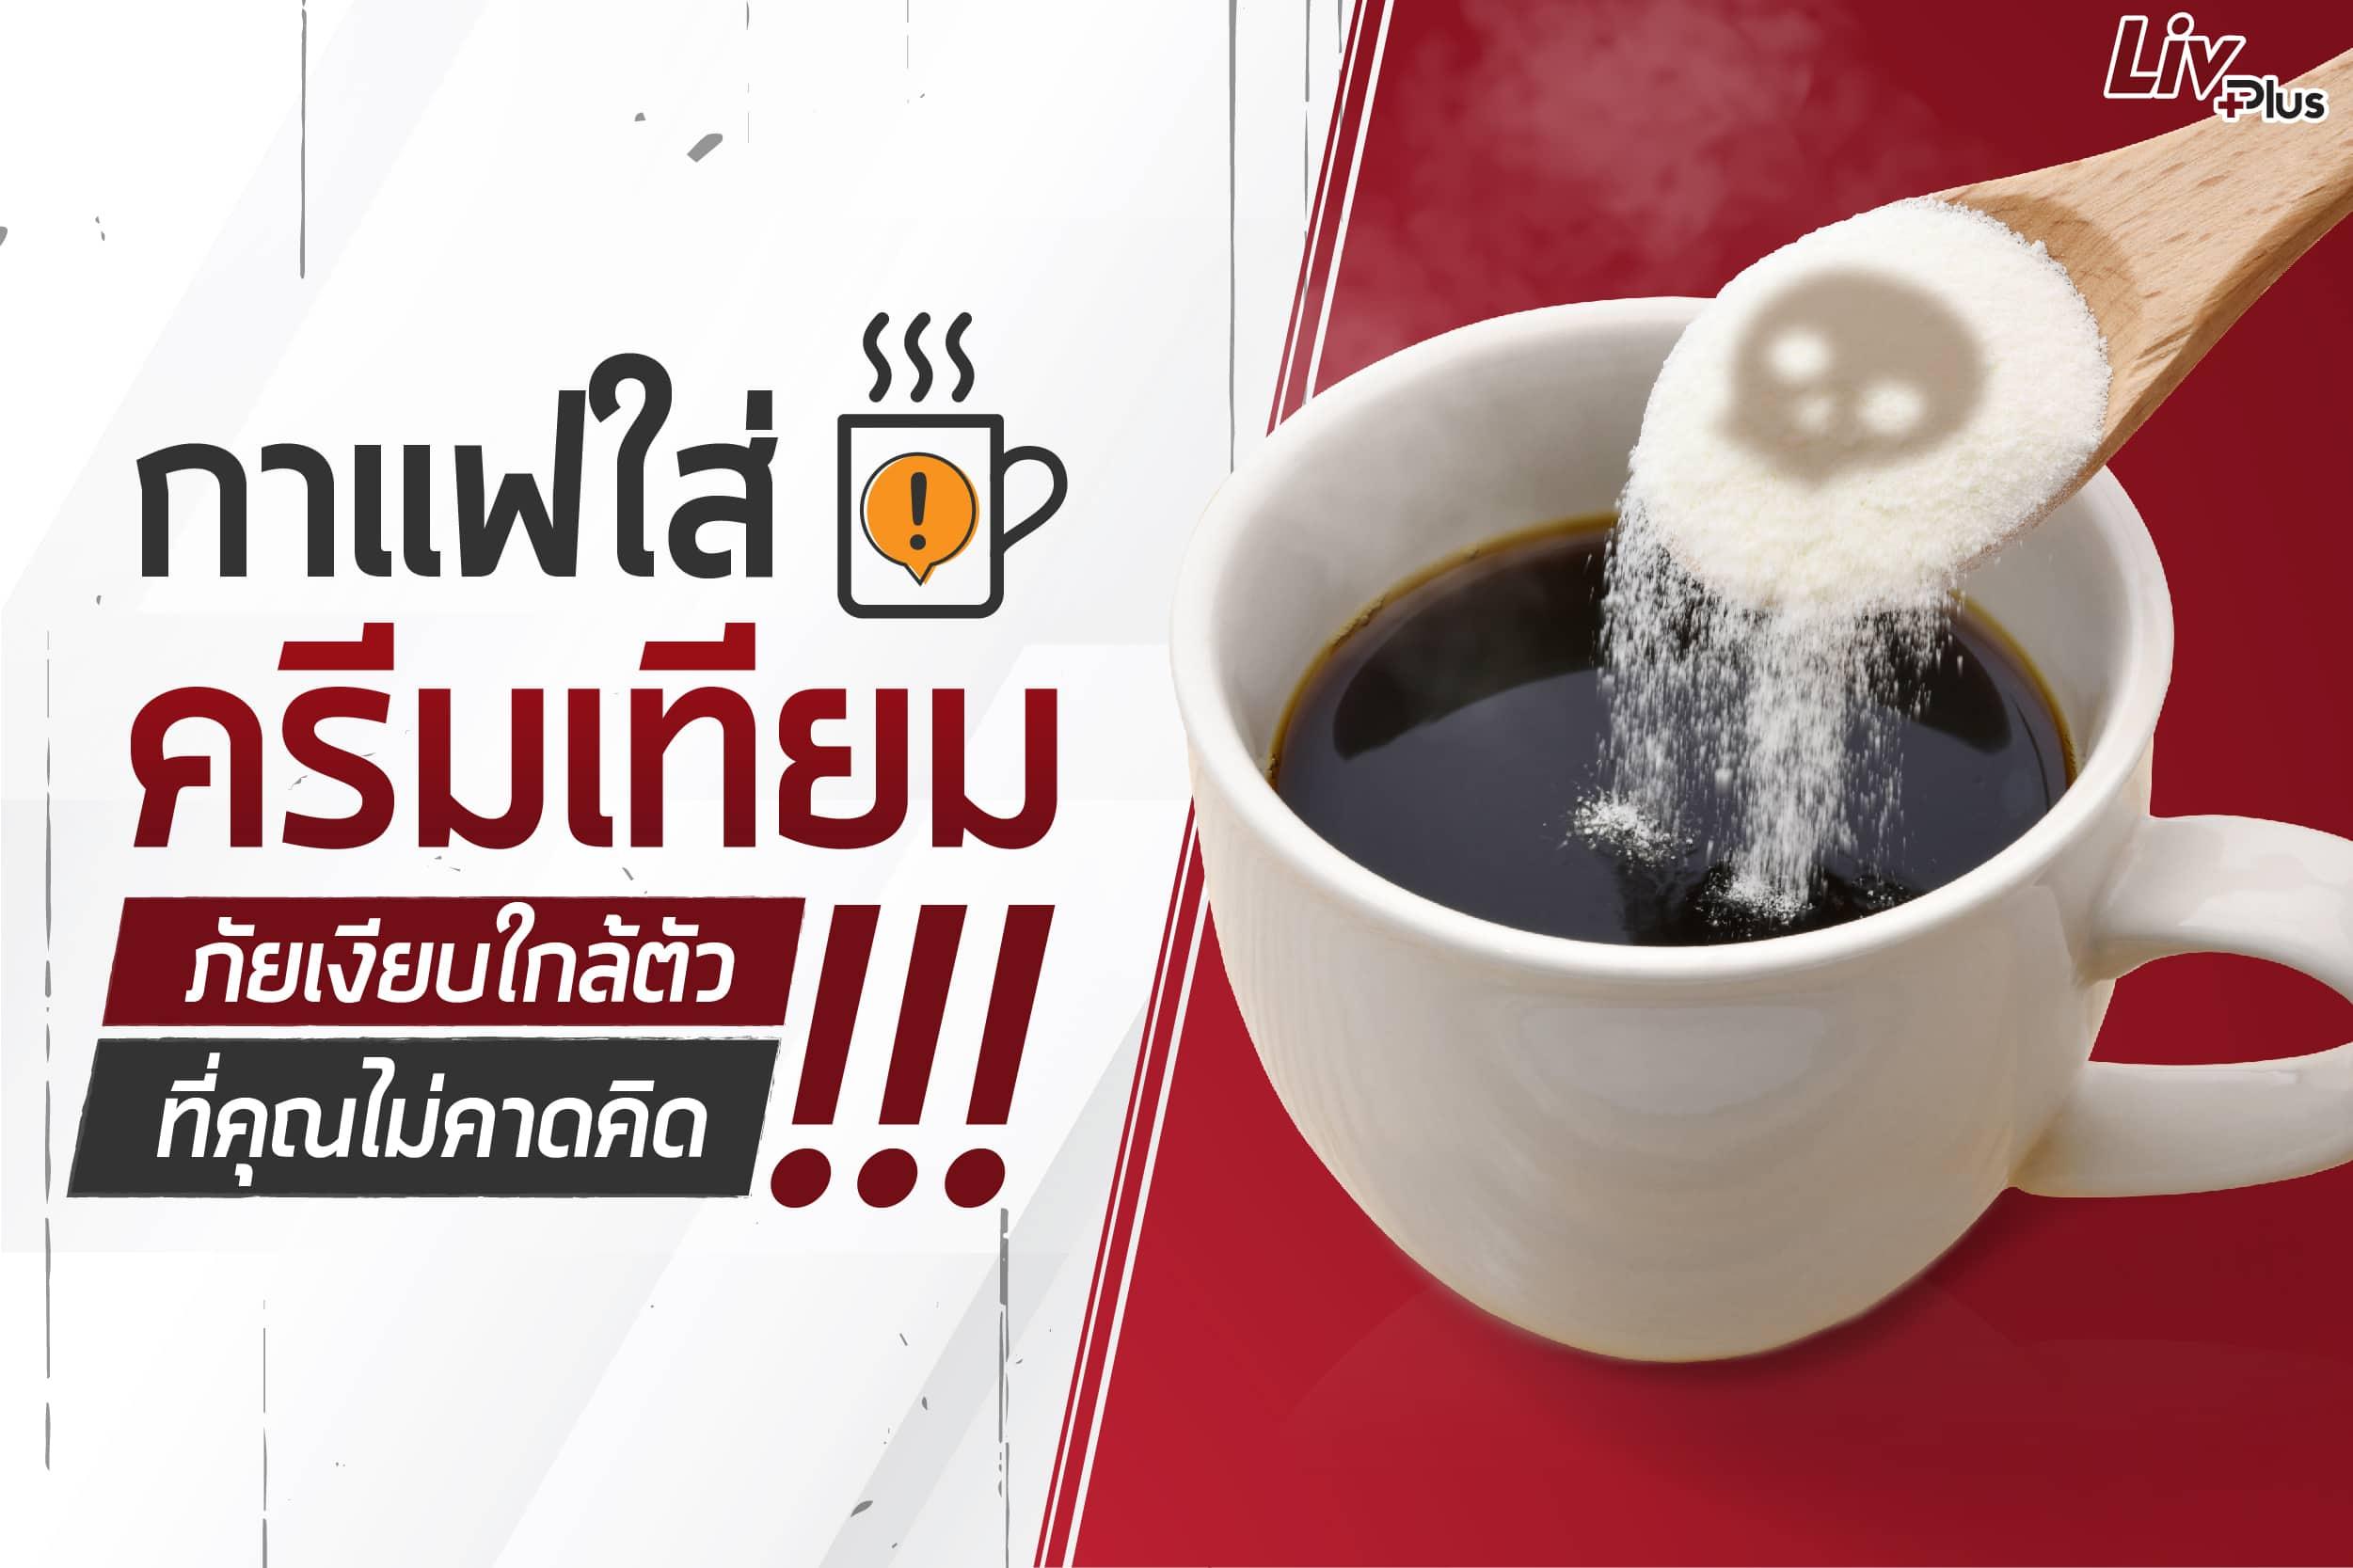 กาแฟใส่ครีมเทียม ภัยเงียบใกล้ตัวที่คุณไม่คาดคิด!